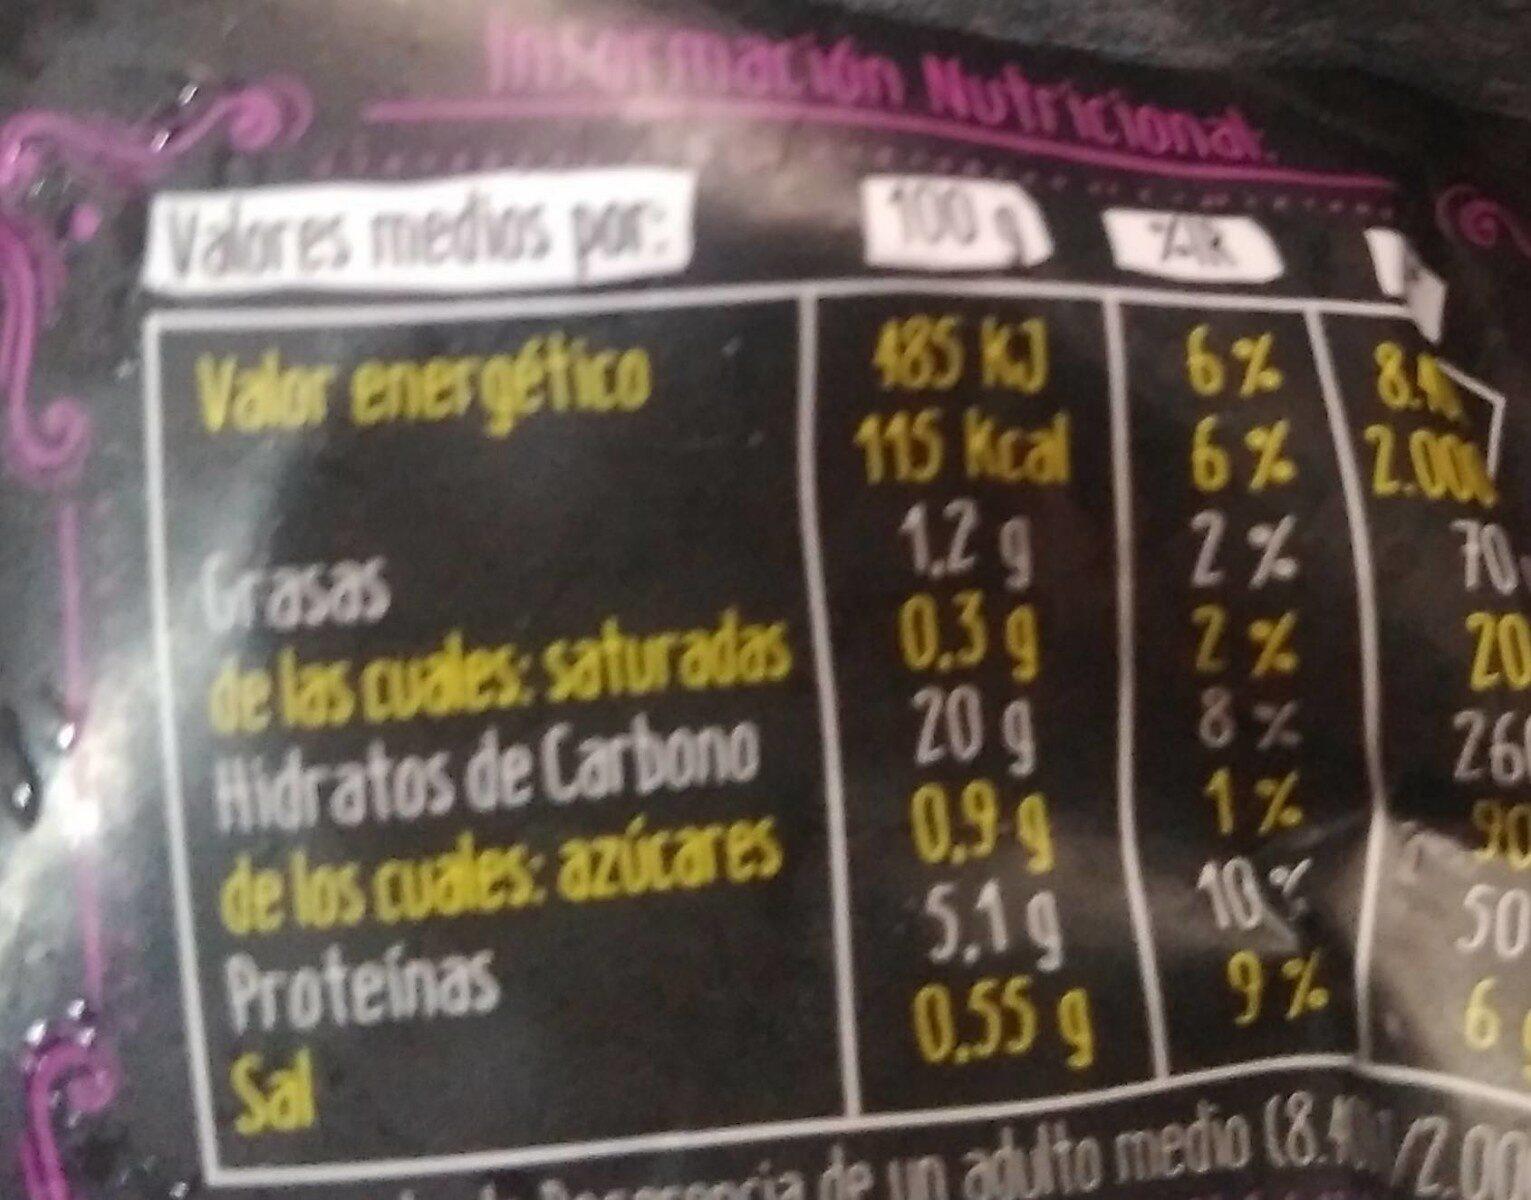 Arroz 3 delicias el pozo - Información nutricional - es